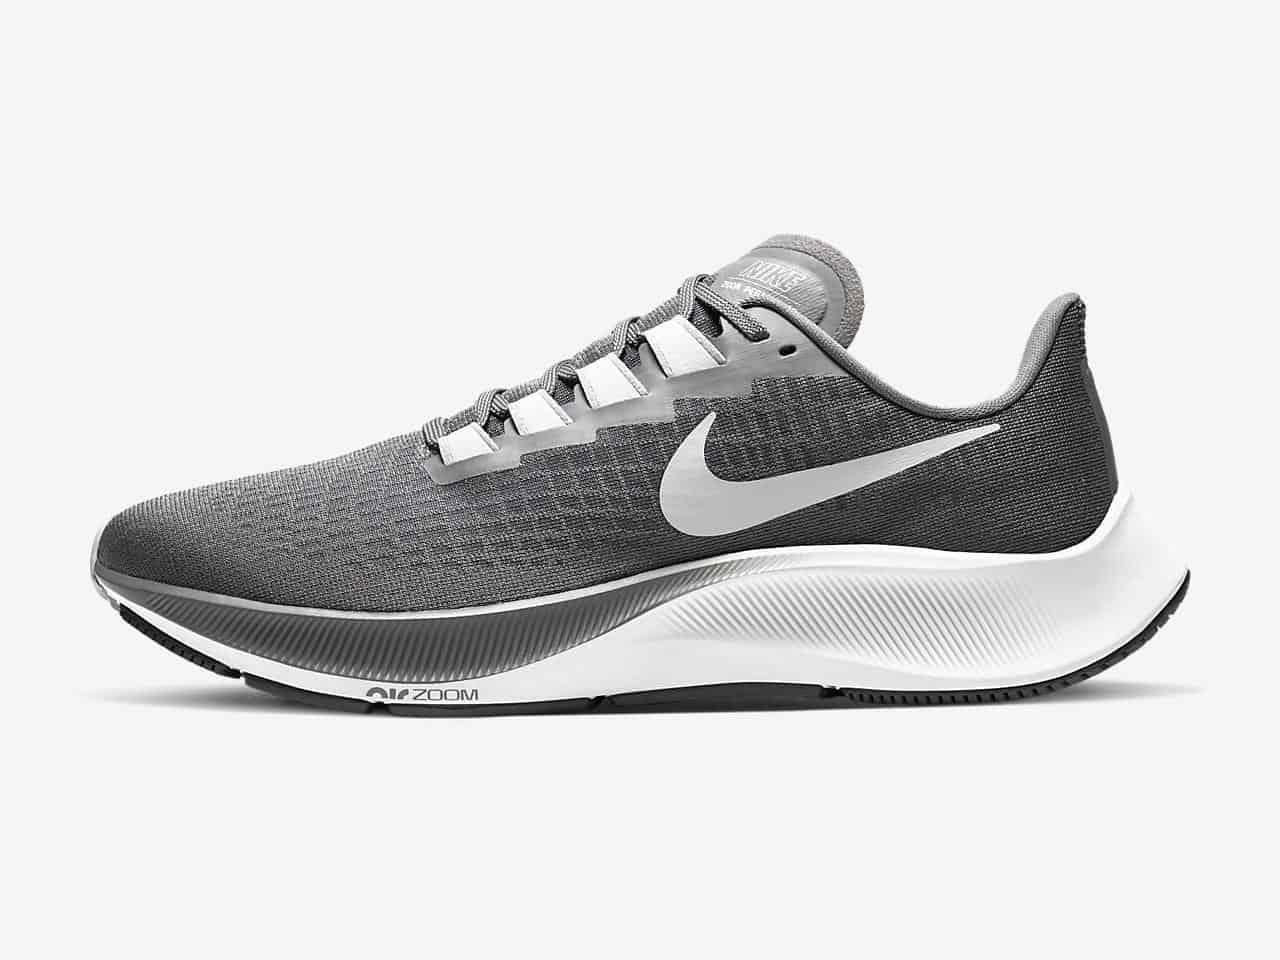 Nike Air Max Pegasus 37